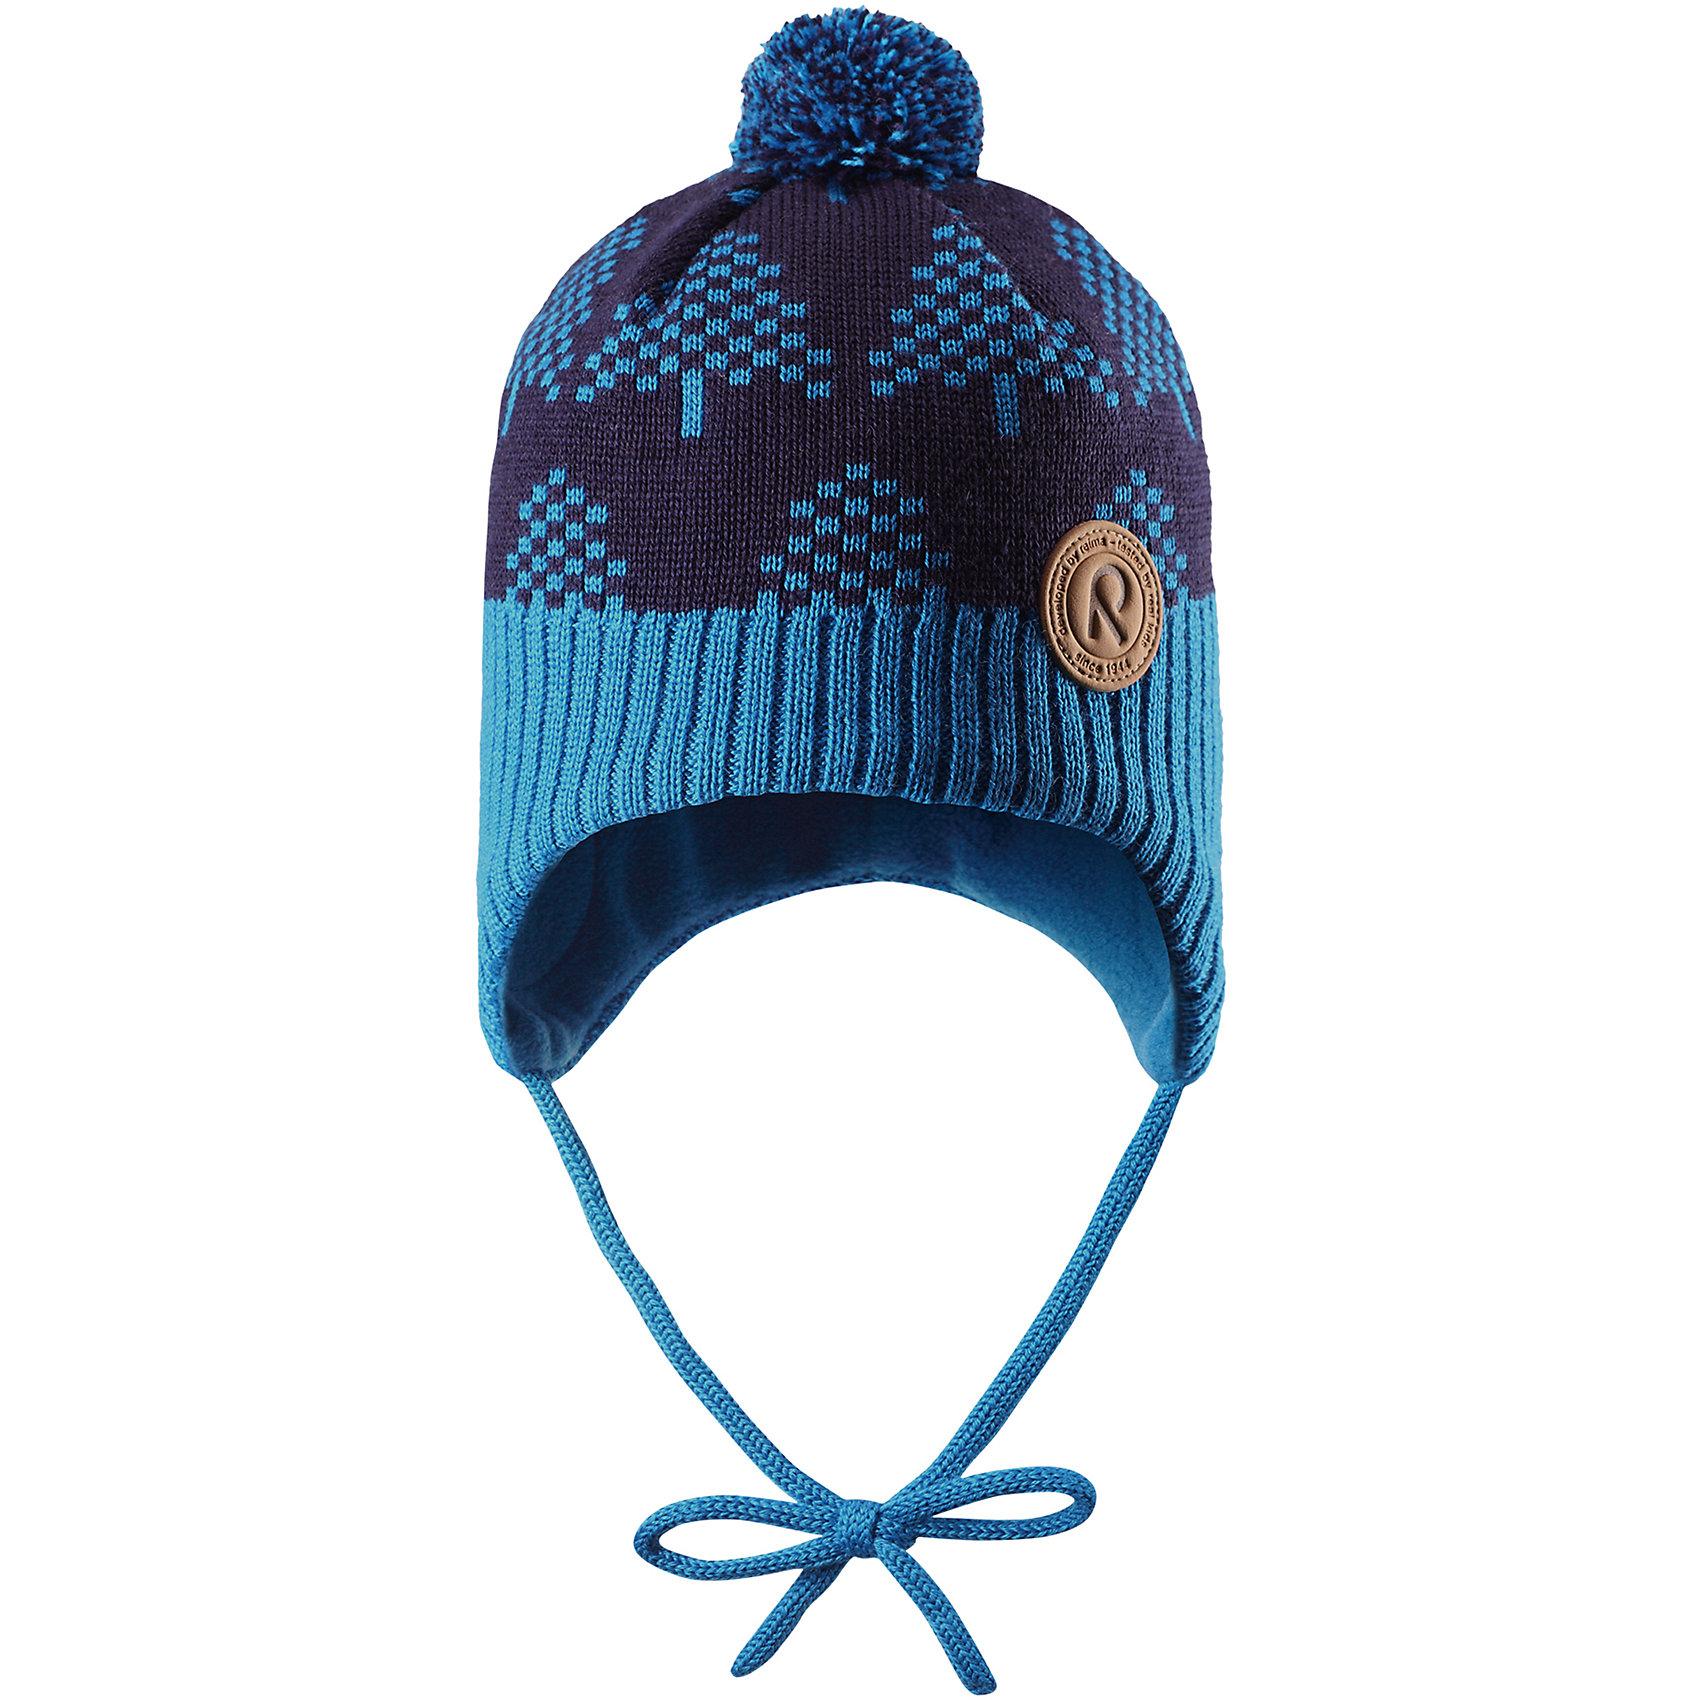 Шапка Reima Yll?sГоловные уборы<br>Характеристики товара:<br><br>• цвет: синий;<br>• состав: 50% шерсть, 50% полиакрил;<br>• подкладка: 100% полиэстер, флис;<br>• температурный режим: от 0 до -20С;<br>• сезон: зима; <br>• особенности модели: вязаная, шерстяная;<br>• шерсть идеально поддерживает температуру;<br>• ветронепроницаемые вставки в области ушей;<br>• сплошная подкладка: мягкий теплый флис;<br>• шапка на завязках, сверху помпон;<br>• логотип Reima спереди;<br>• страна бренда: Финляндия;<br>• страна изготовитель: Китай.<br><br>Шерстяная шапка для малышей с чудесным рисунком надежно согреет в холодный зимний день! Эта шапка для малышей из мериносовой шерсти подарит уют в морозную погоду: мягкая флисовая подкладка обеспечит ребенку тепло и комфорт. За счет эластичной вязки шапка отлично сидит, а ветронепроницаемые вставки в области ушей защищают ушки от холодного ветра. Благодаря завязкам, эта стильная шапка не съезжает и хорошо защищает голову. Маленький помпон на макушке довершает образ.<br><br>Шапку Yll?s Reima от финского бренда Reima (Рейма) можно купить в нашем интернет-магазине.<br><br>Ширина мм: 89<br>Глубина мм: 117<br>Высота мм: 44<br>Вес г: 155<br>Цвет: синий<br>Возраст от месяцев: 60<br>Возраст до месяцев: 72<br>Пол: Унисекс<br>Возраст: Детский<br>Размер: 52,46,48,50<br>SKU: 6907151